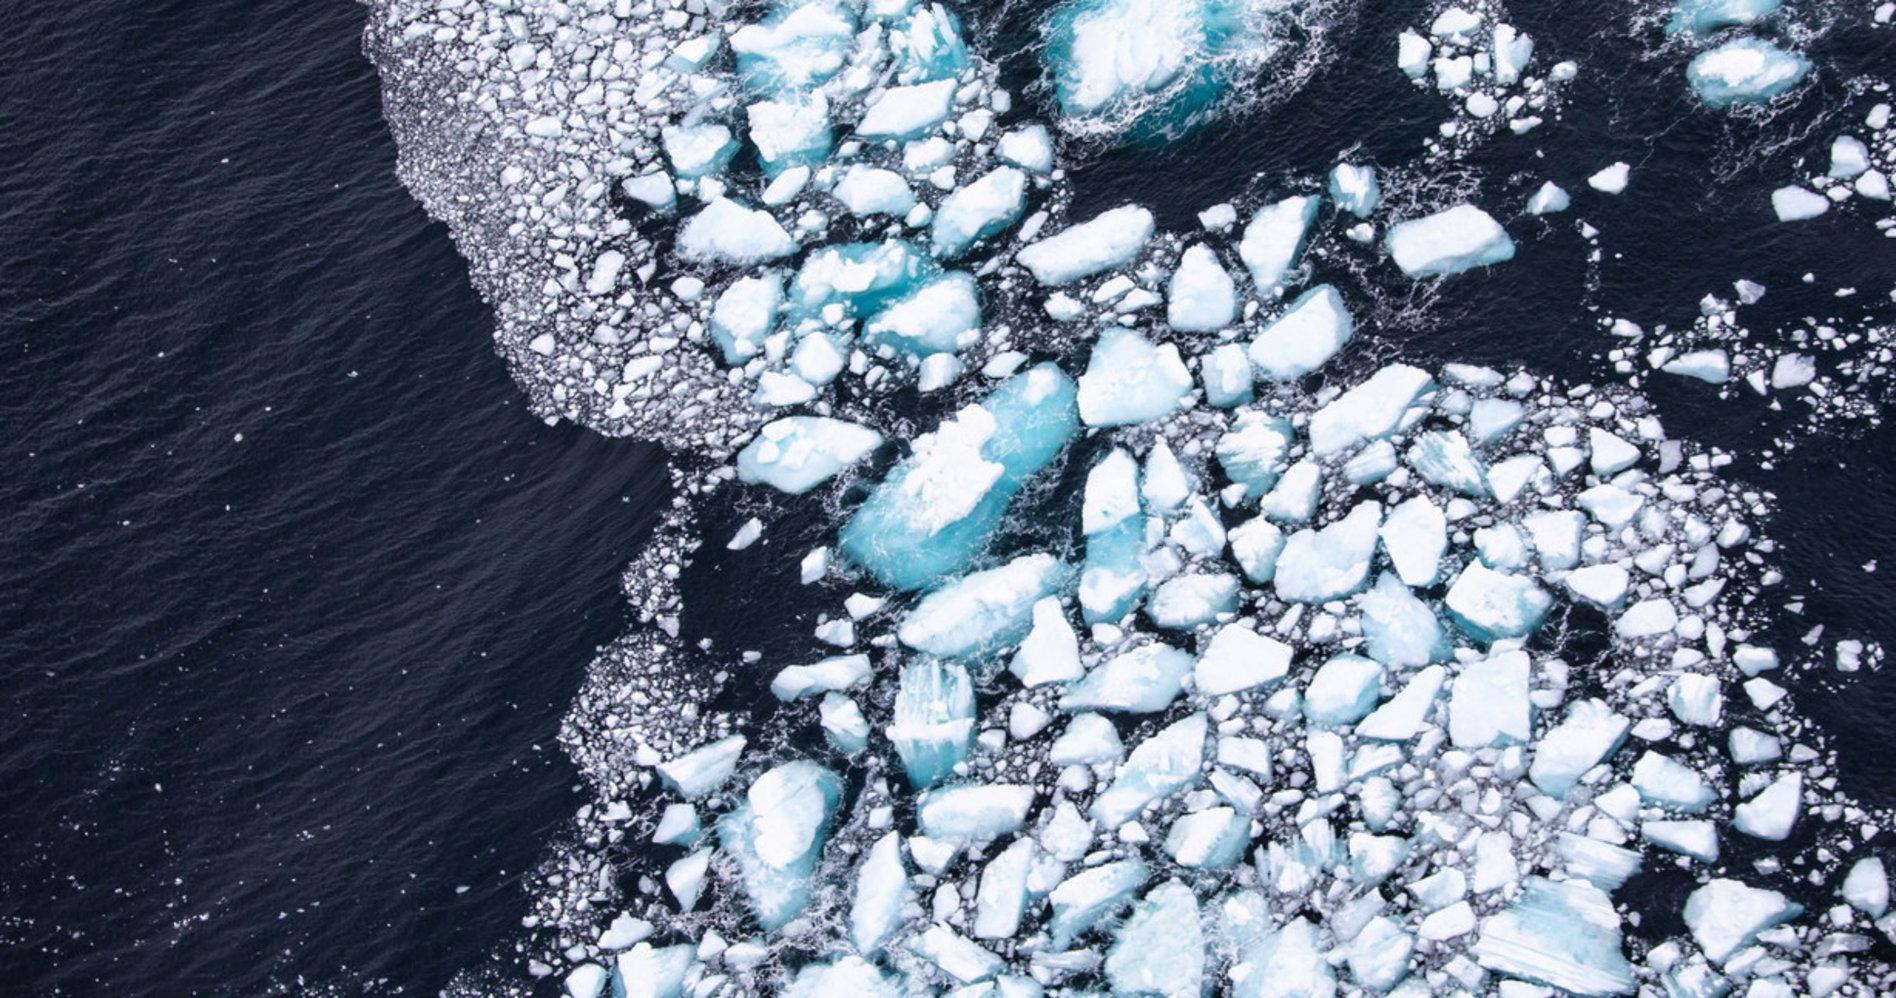 Antartide, si è sciolto A68: l'iceberg più grande del mondo